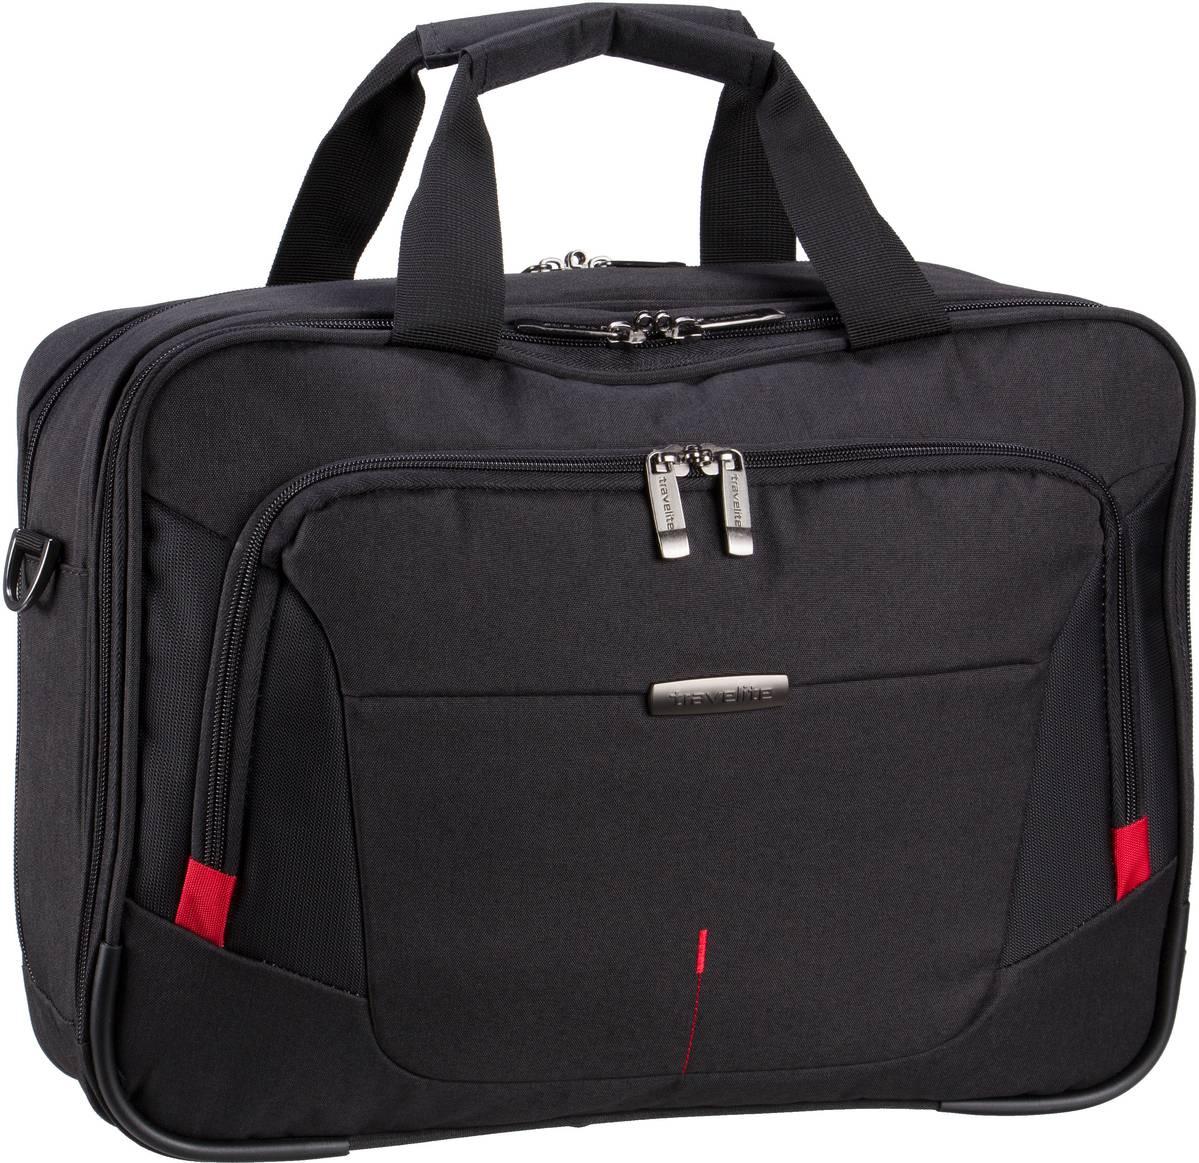 Businesstaschen für Frauen - travelite Aktentasche @Work Businesstasche Schwarz (16 Liter)  - Onlineshop Taschenkaufhaus